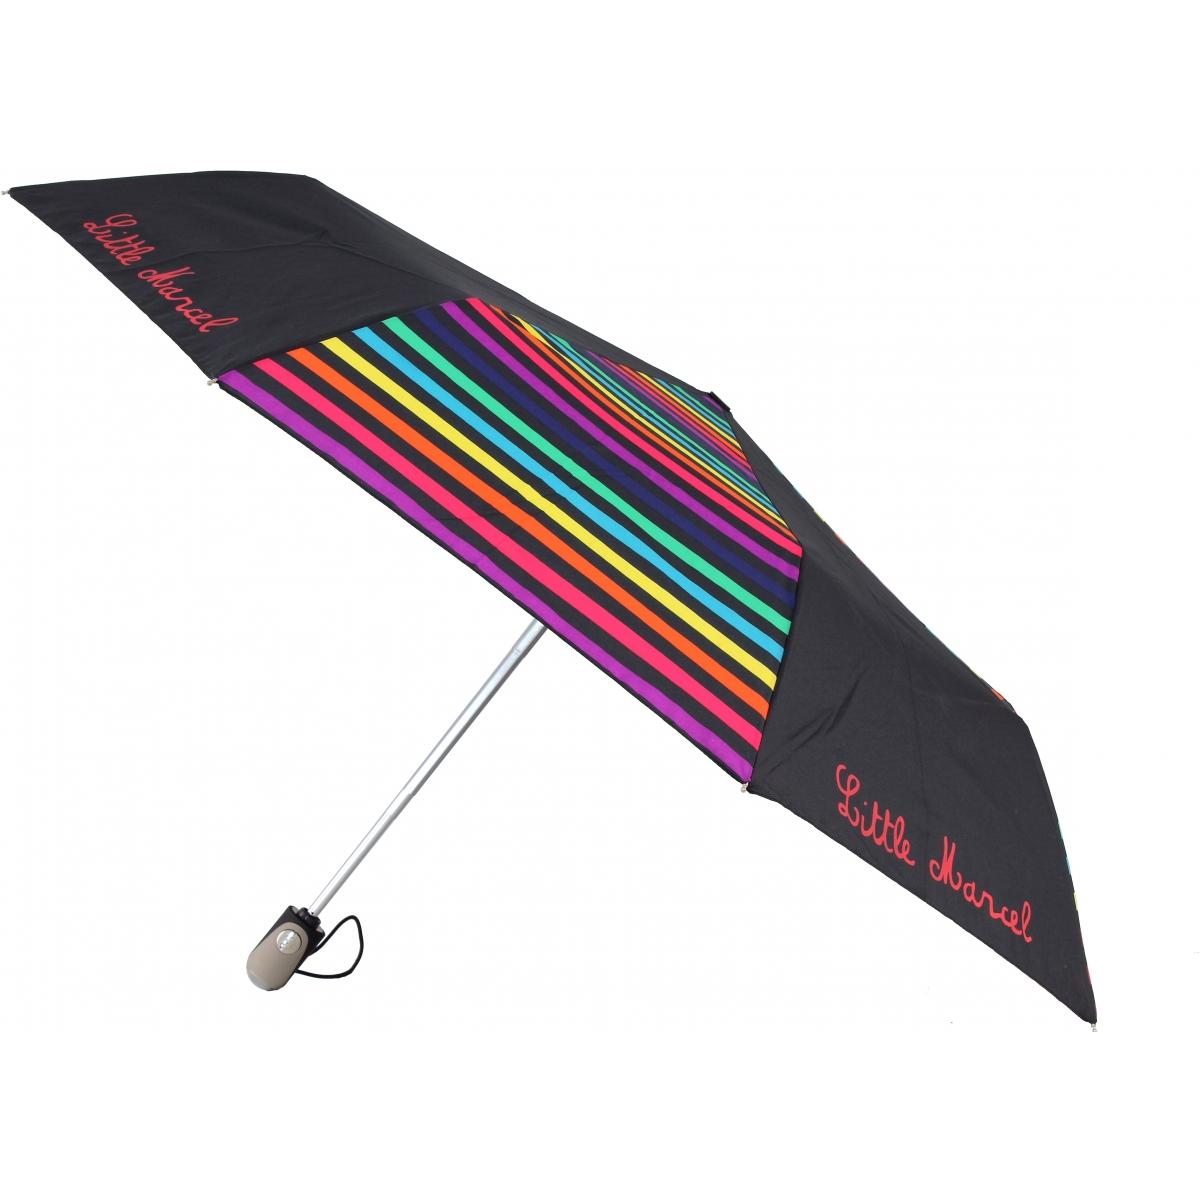 parapluie little marcel automatique paularaye couleur. Black Bedroom Furniture Sets. Home Design Ideas